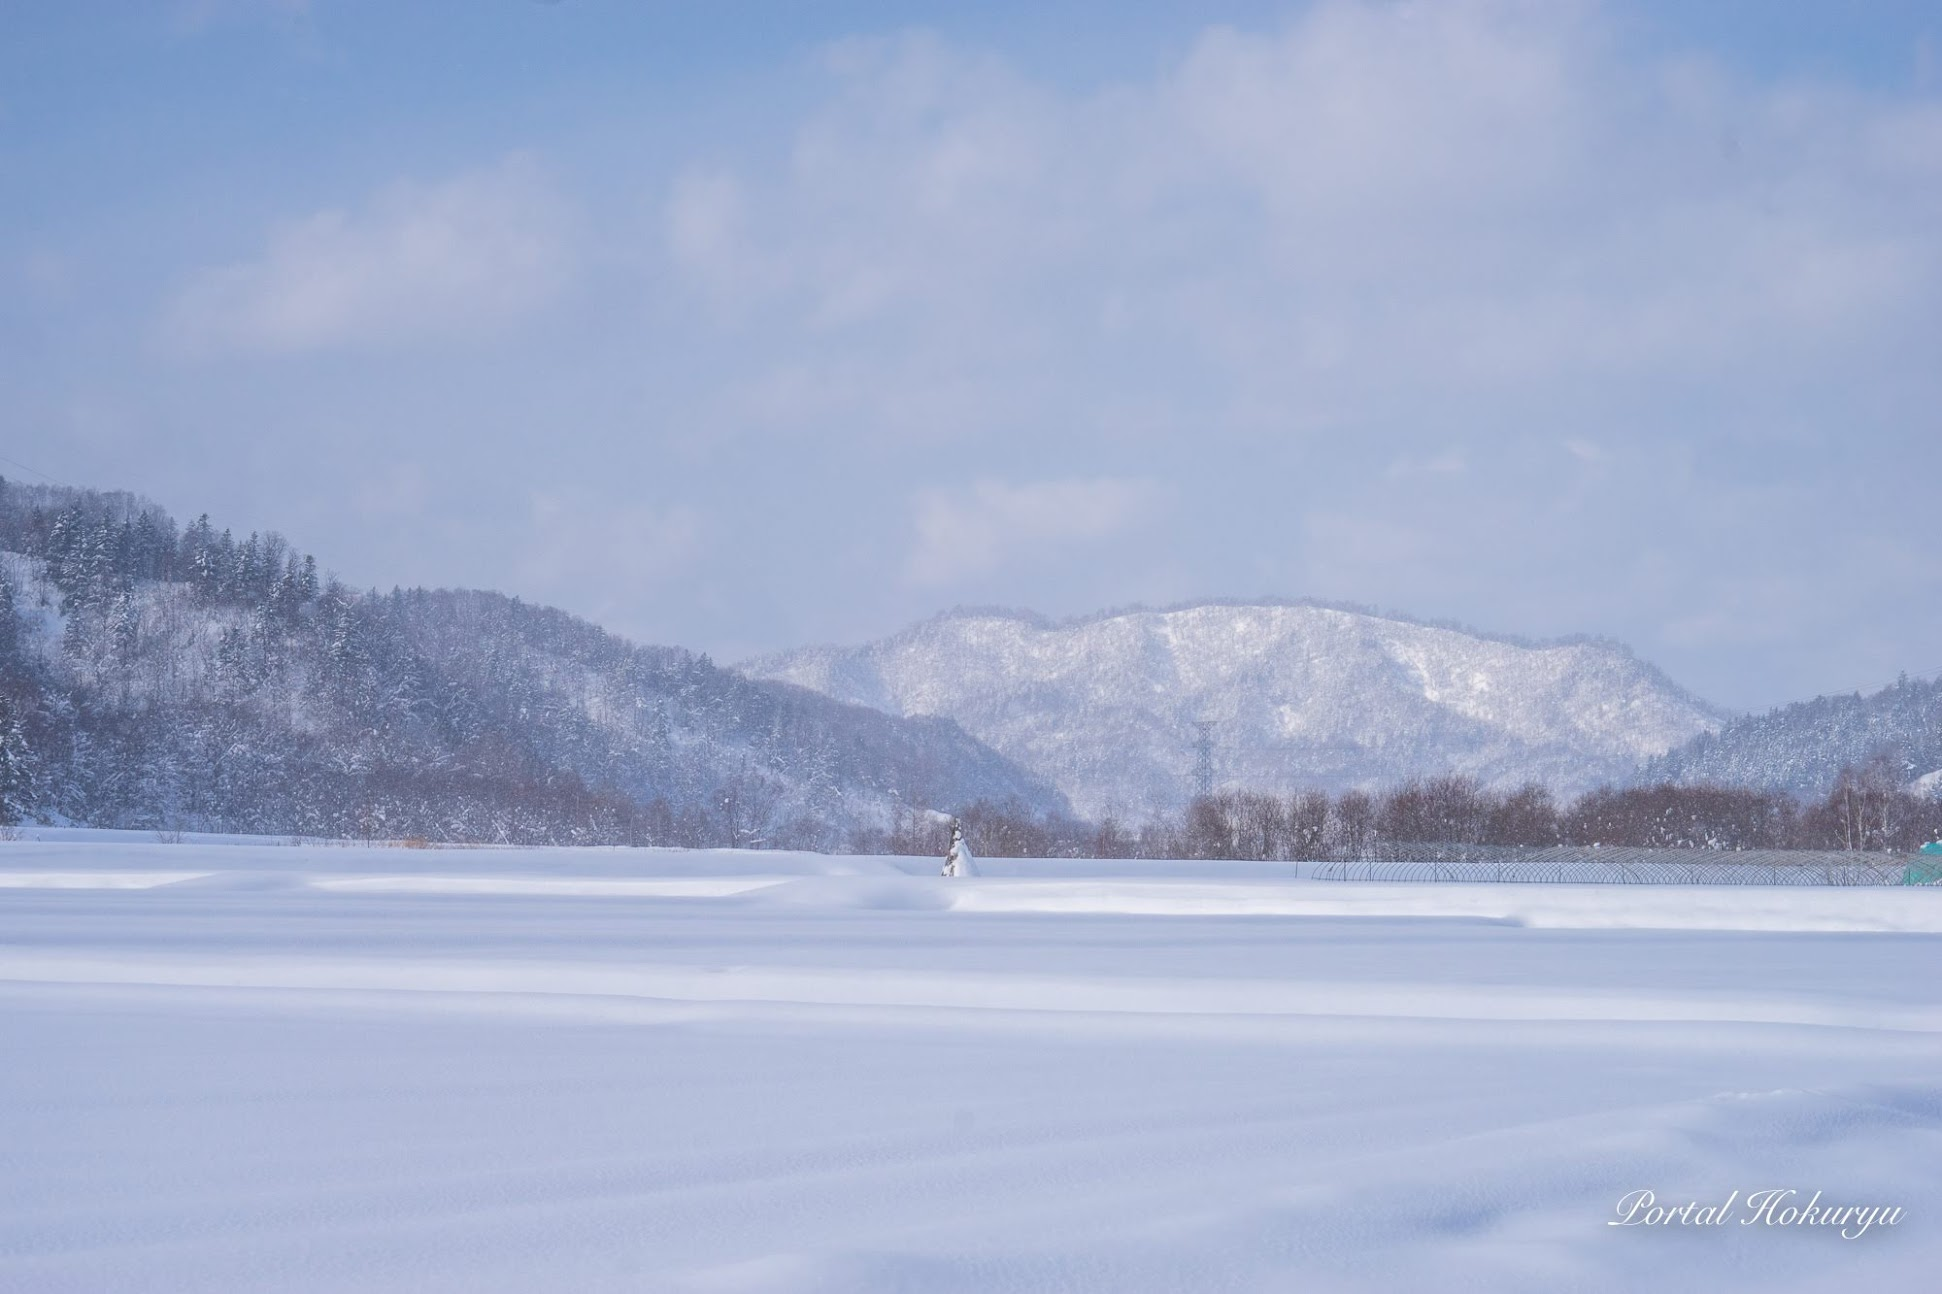 生クリームをデコレートしたような雪景気